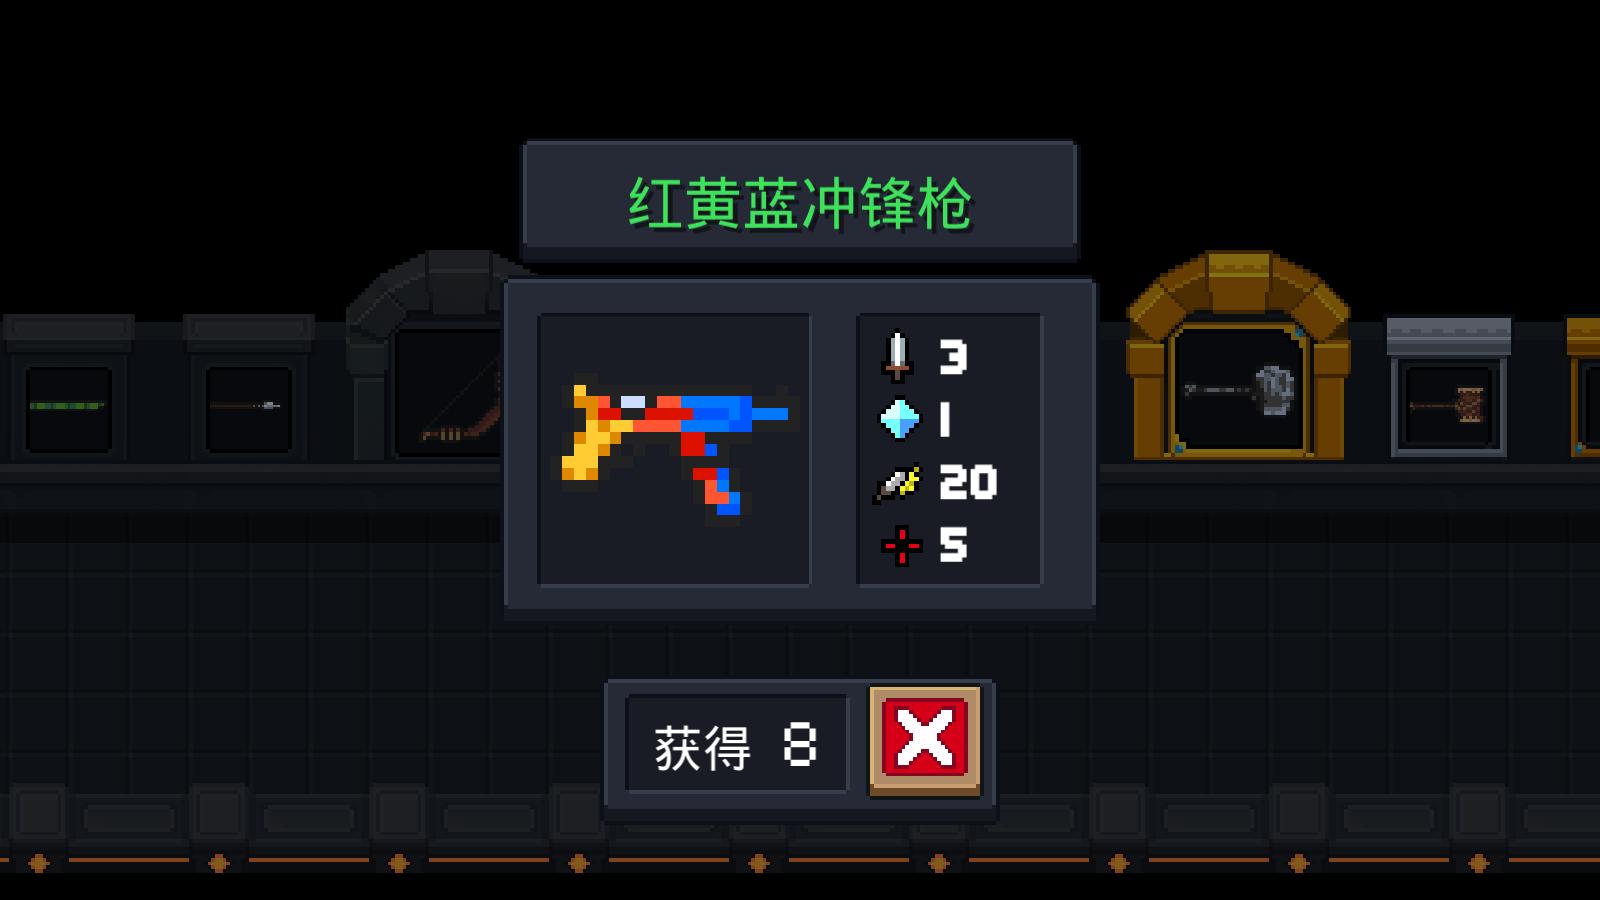 《元气骑士》武器红黄蓝冲锋枪图鉴